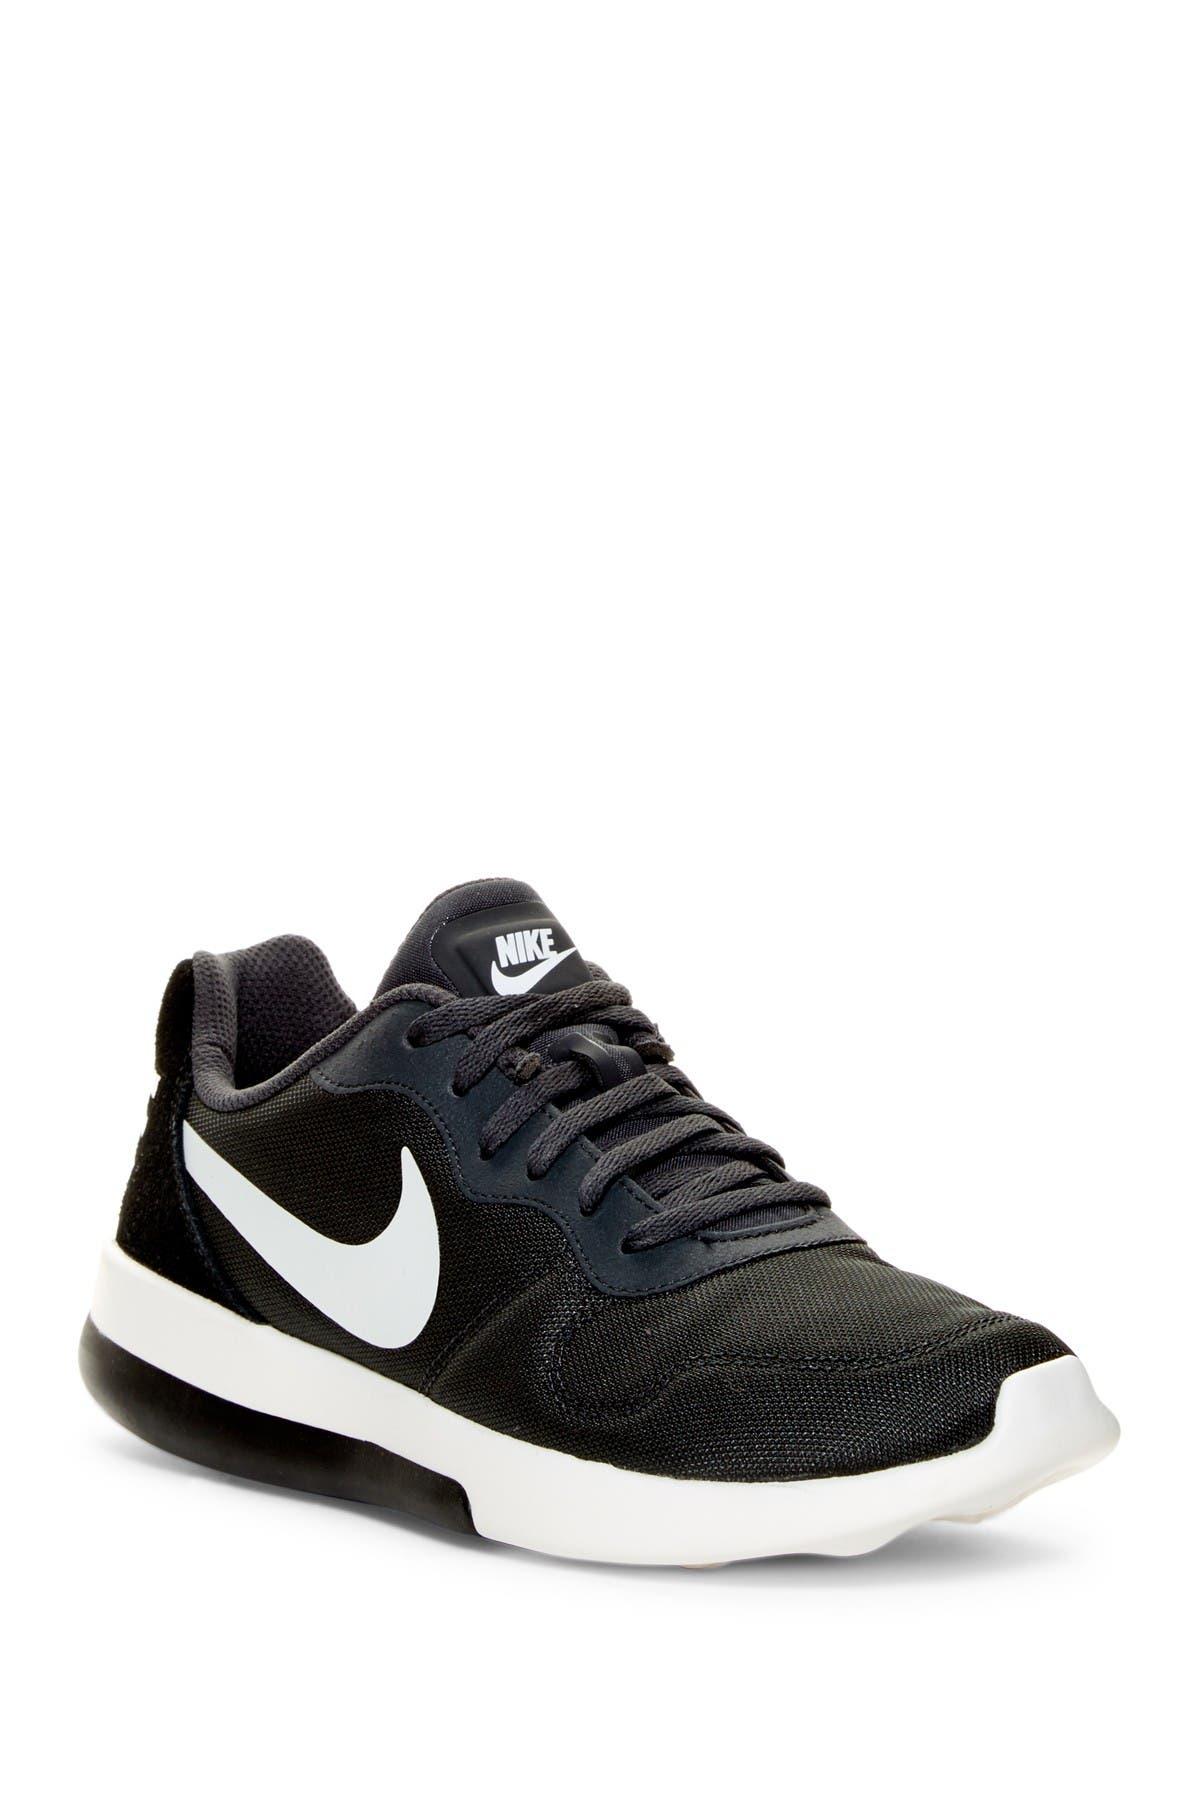 Nike   MD Runner 2 Sneaker   Nordstrom Rack